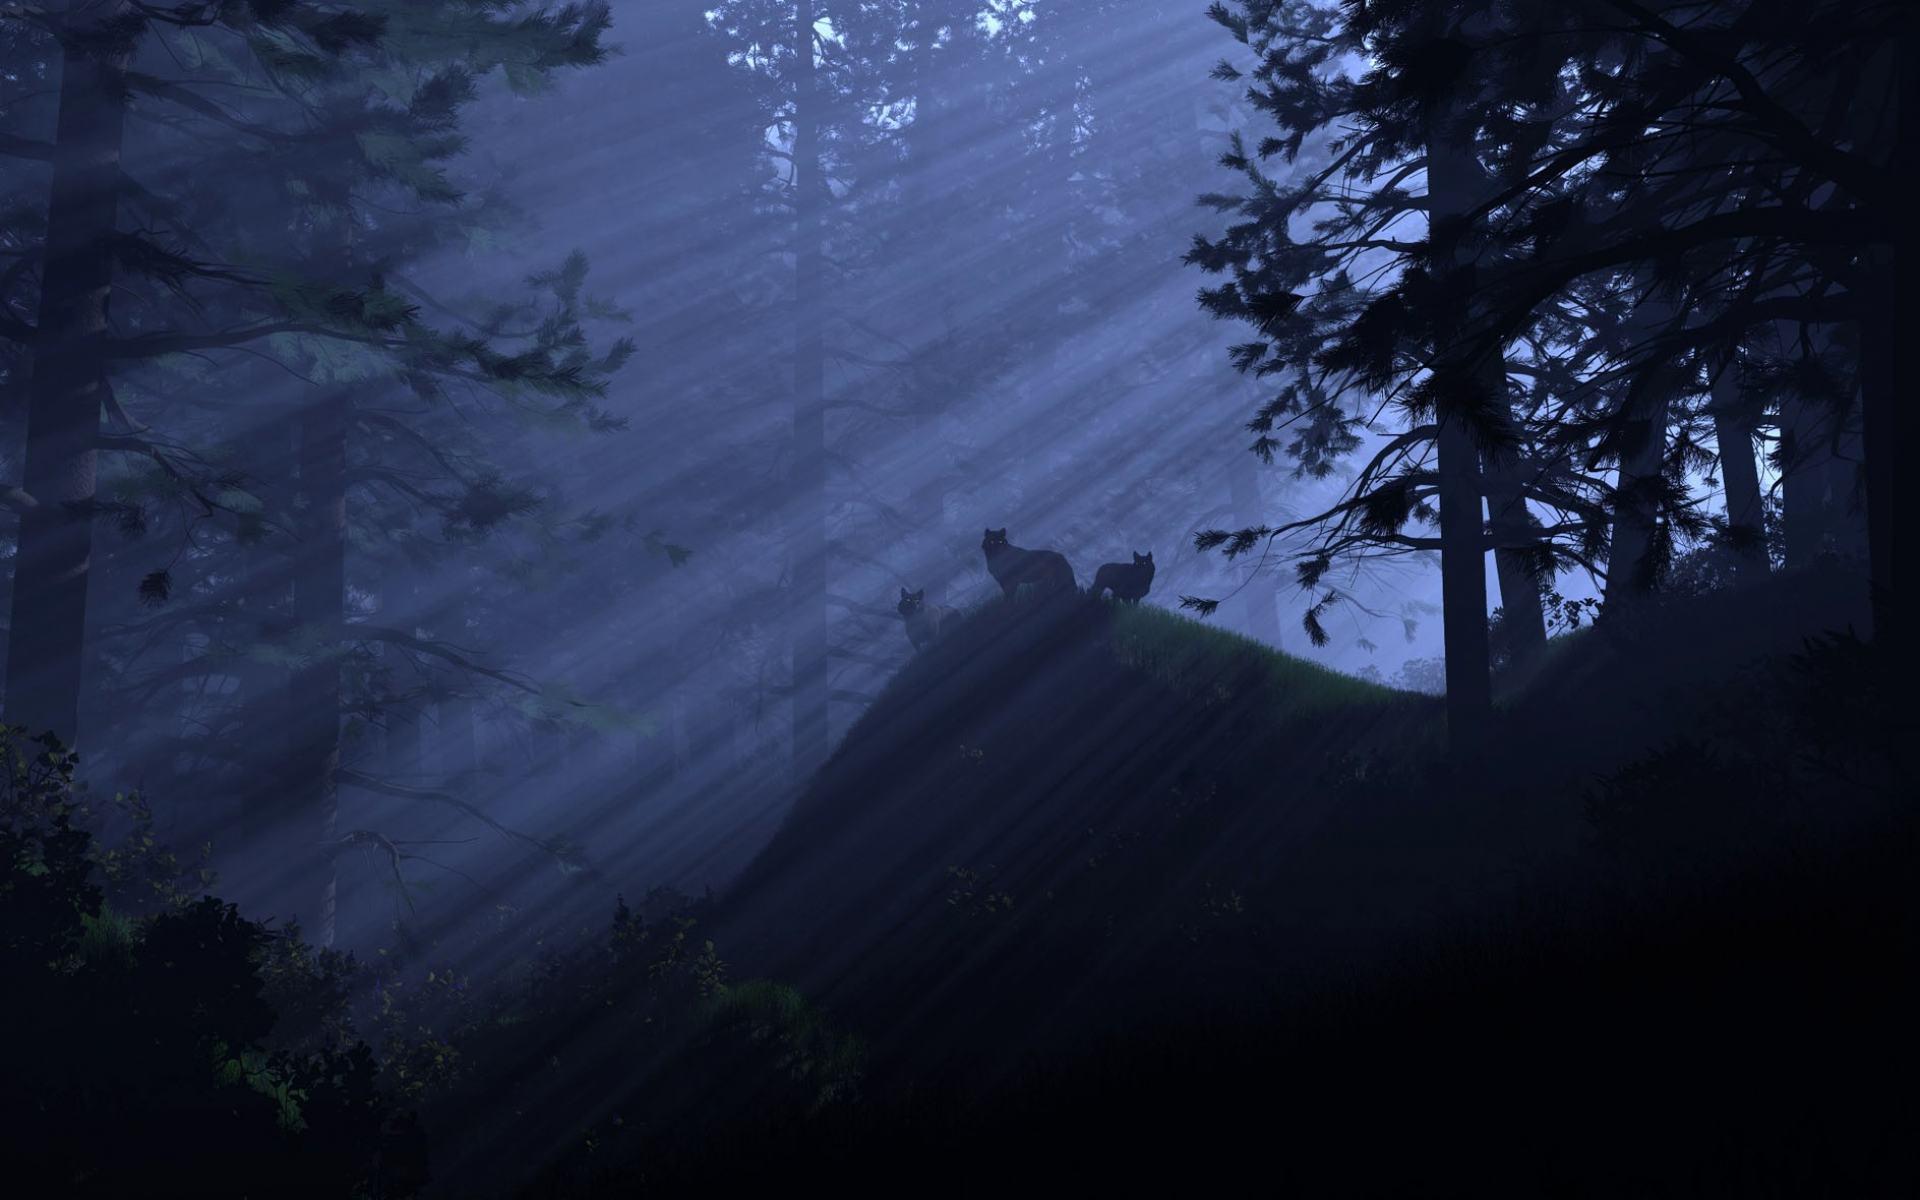 картинки ночного леса